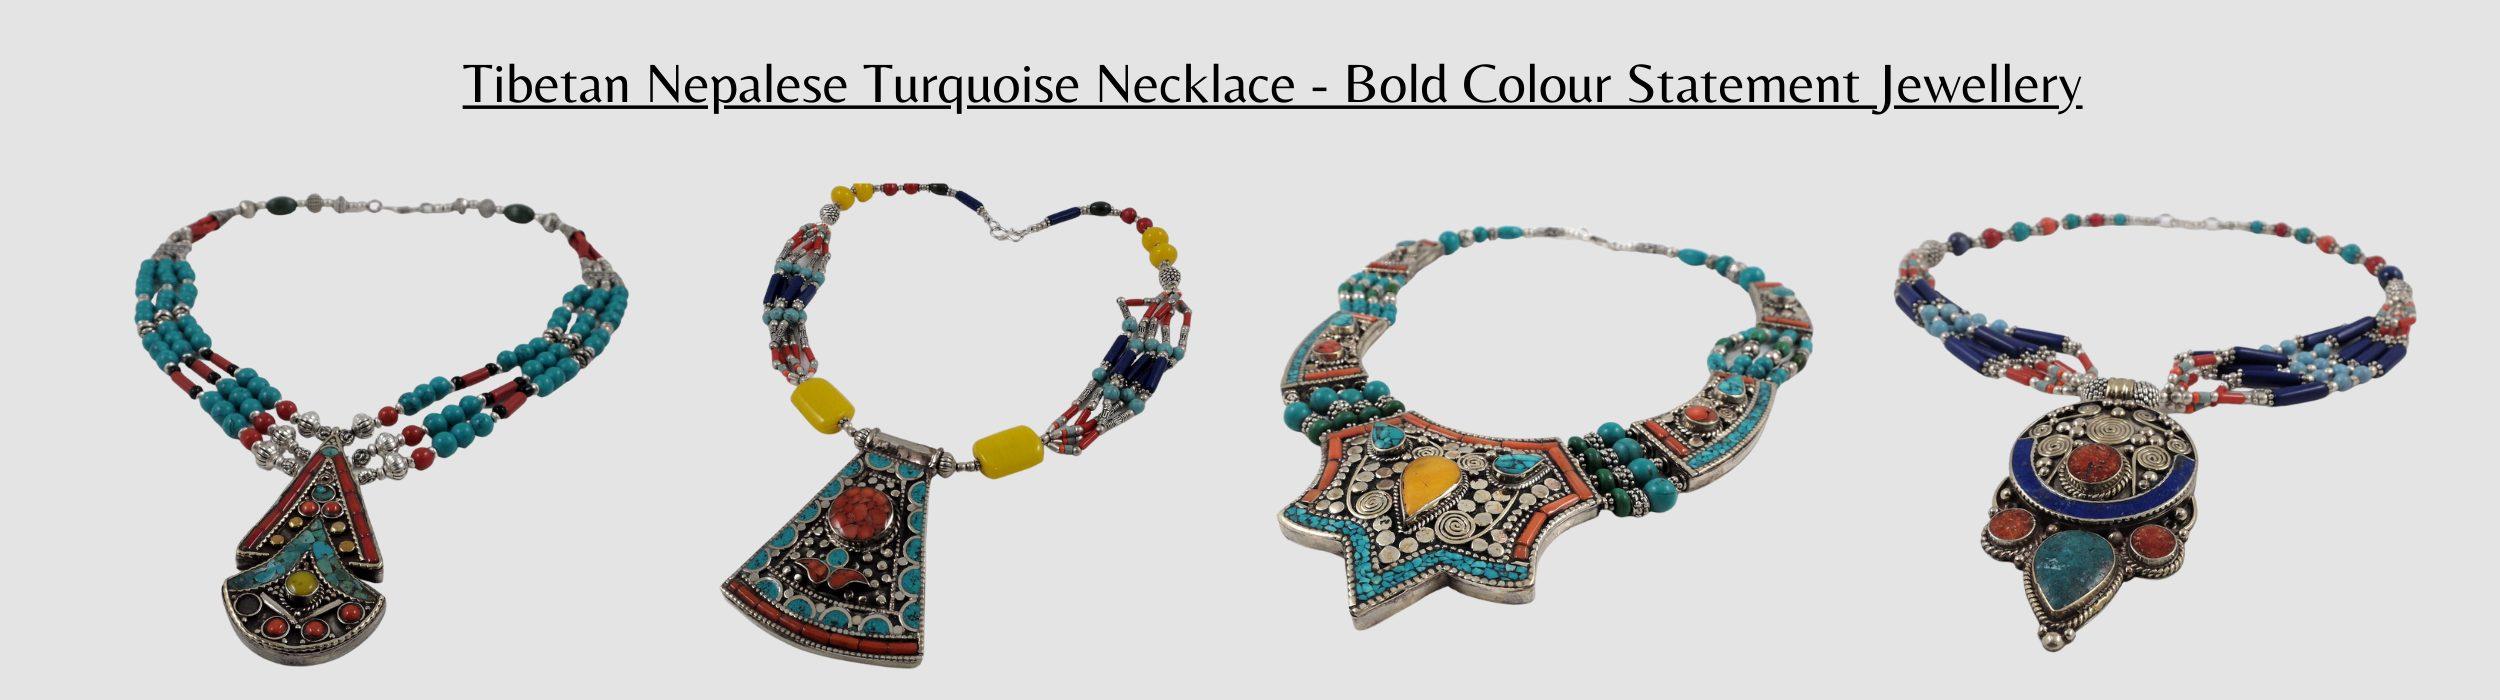 Tibetan Nepalese Necklaces